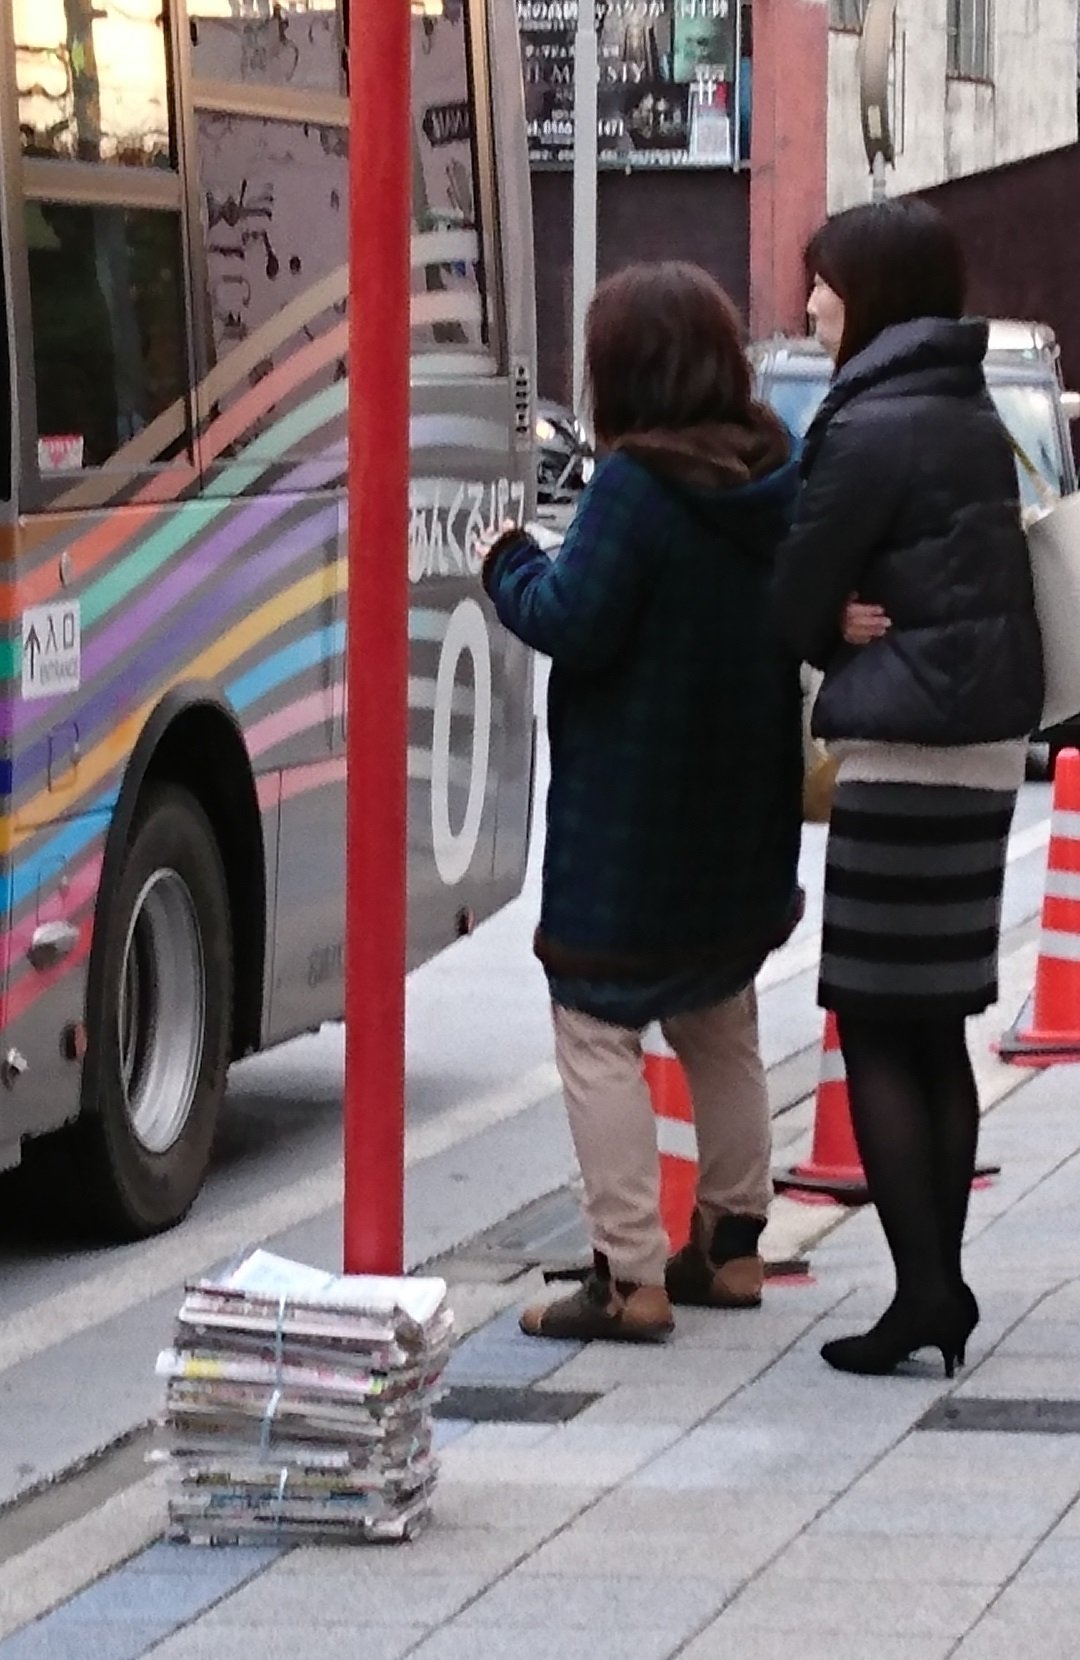 2016.12.9 あさ (5) あんじょうえきまえ - バス 1080-1660